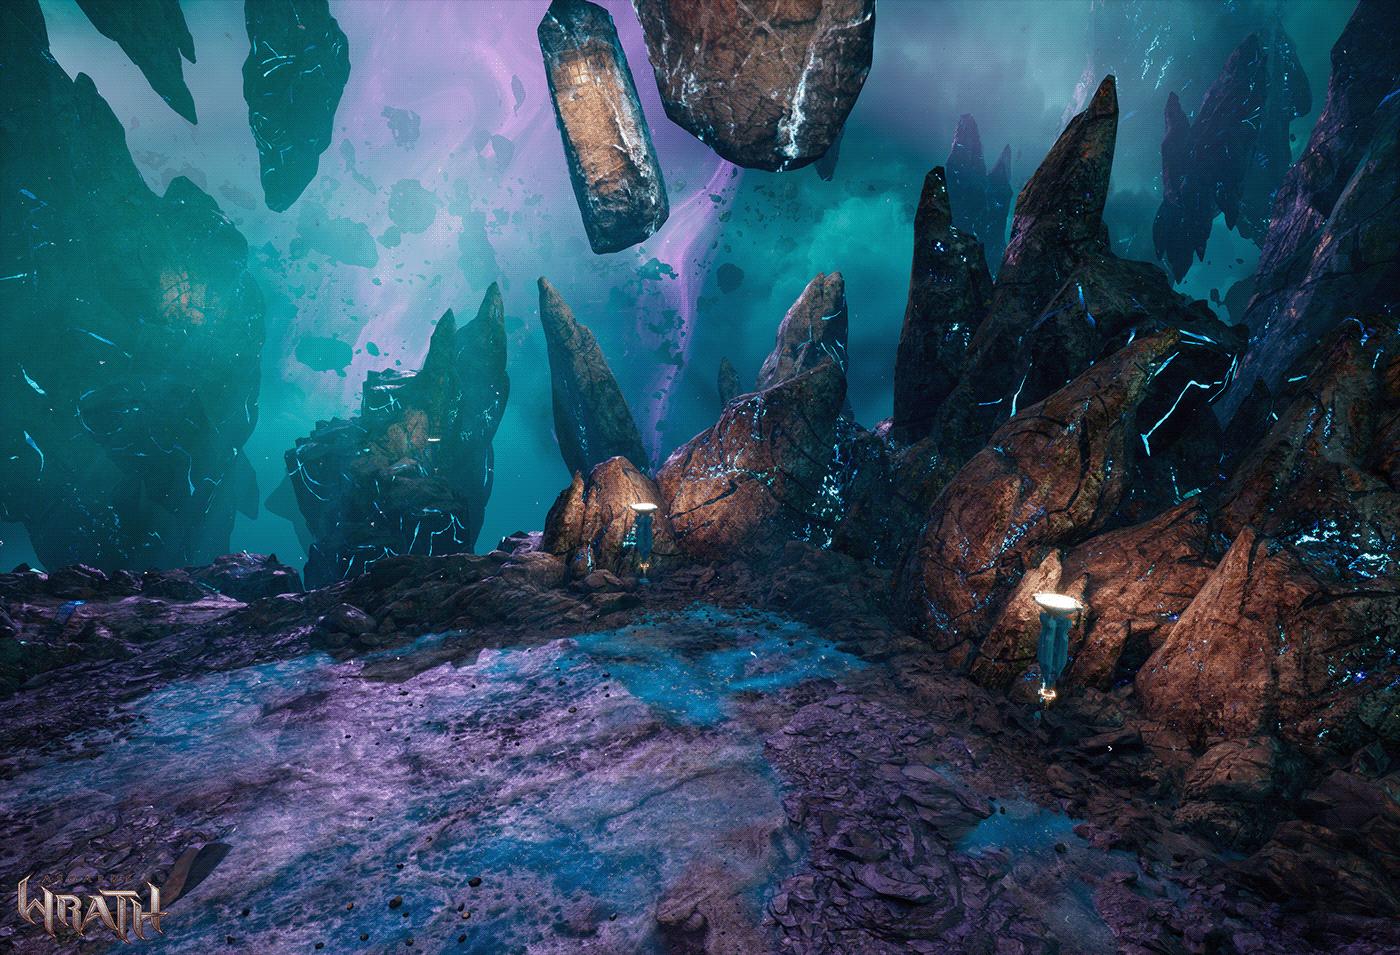 Image may contain: reef, aquarium and underwater